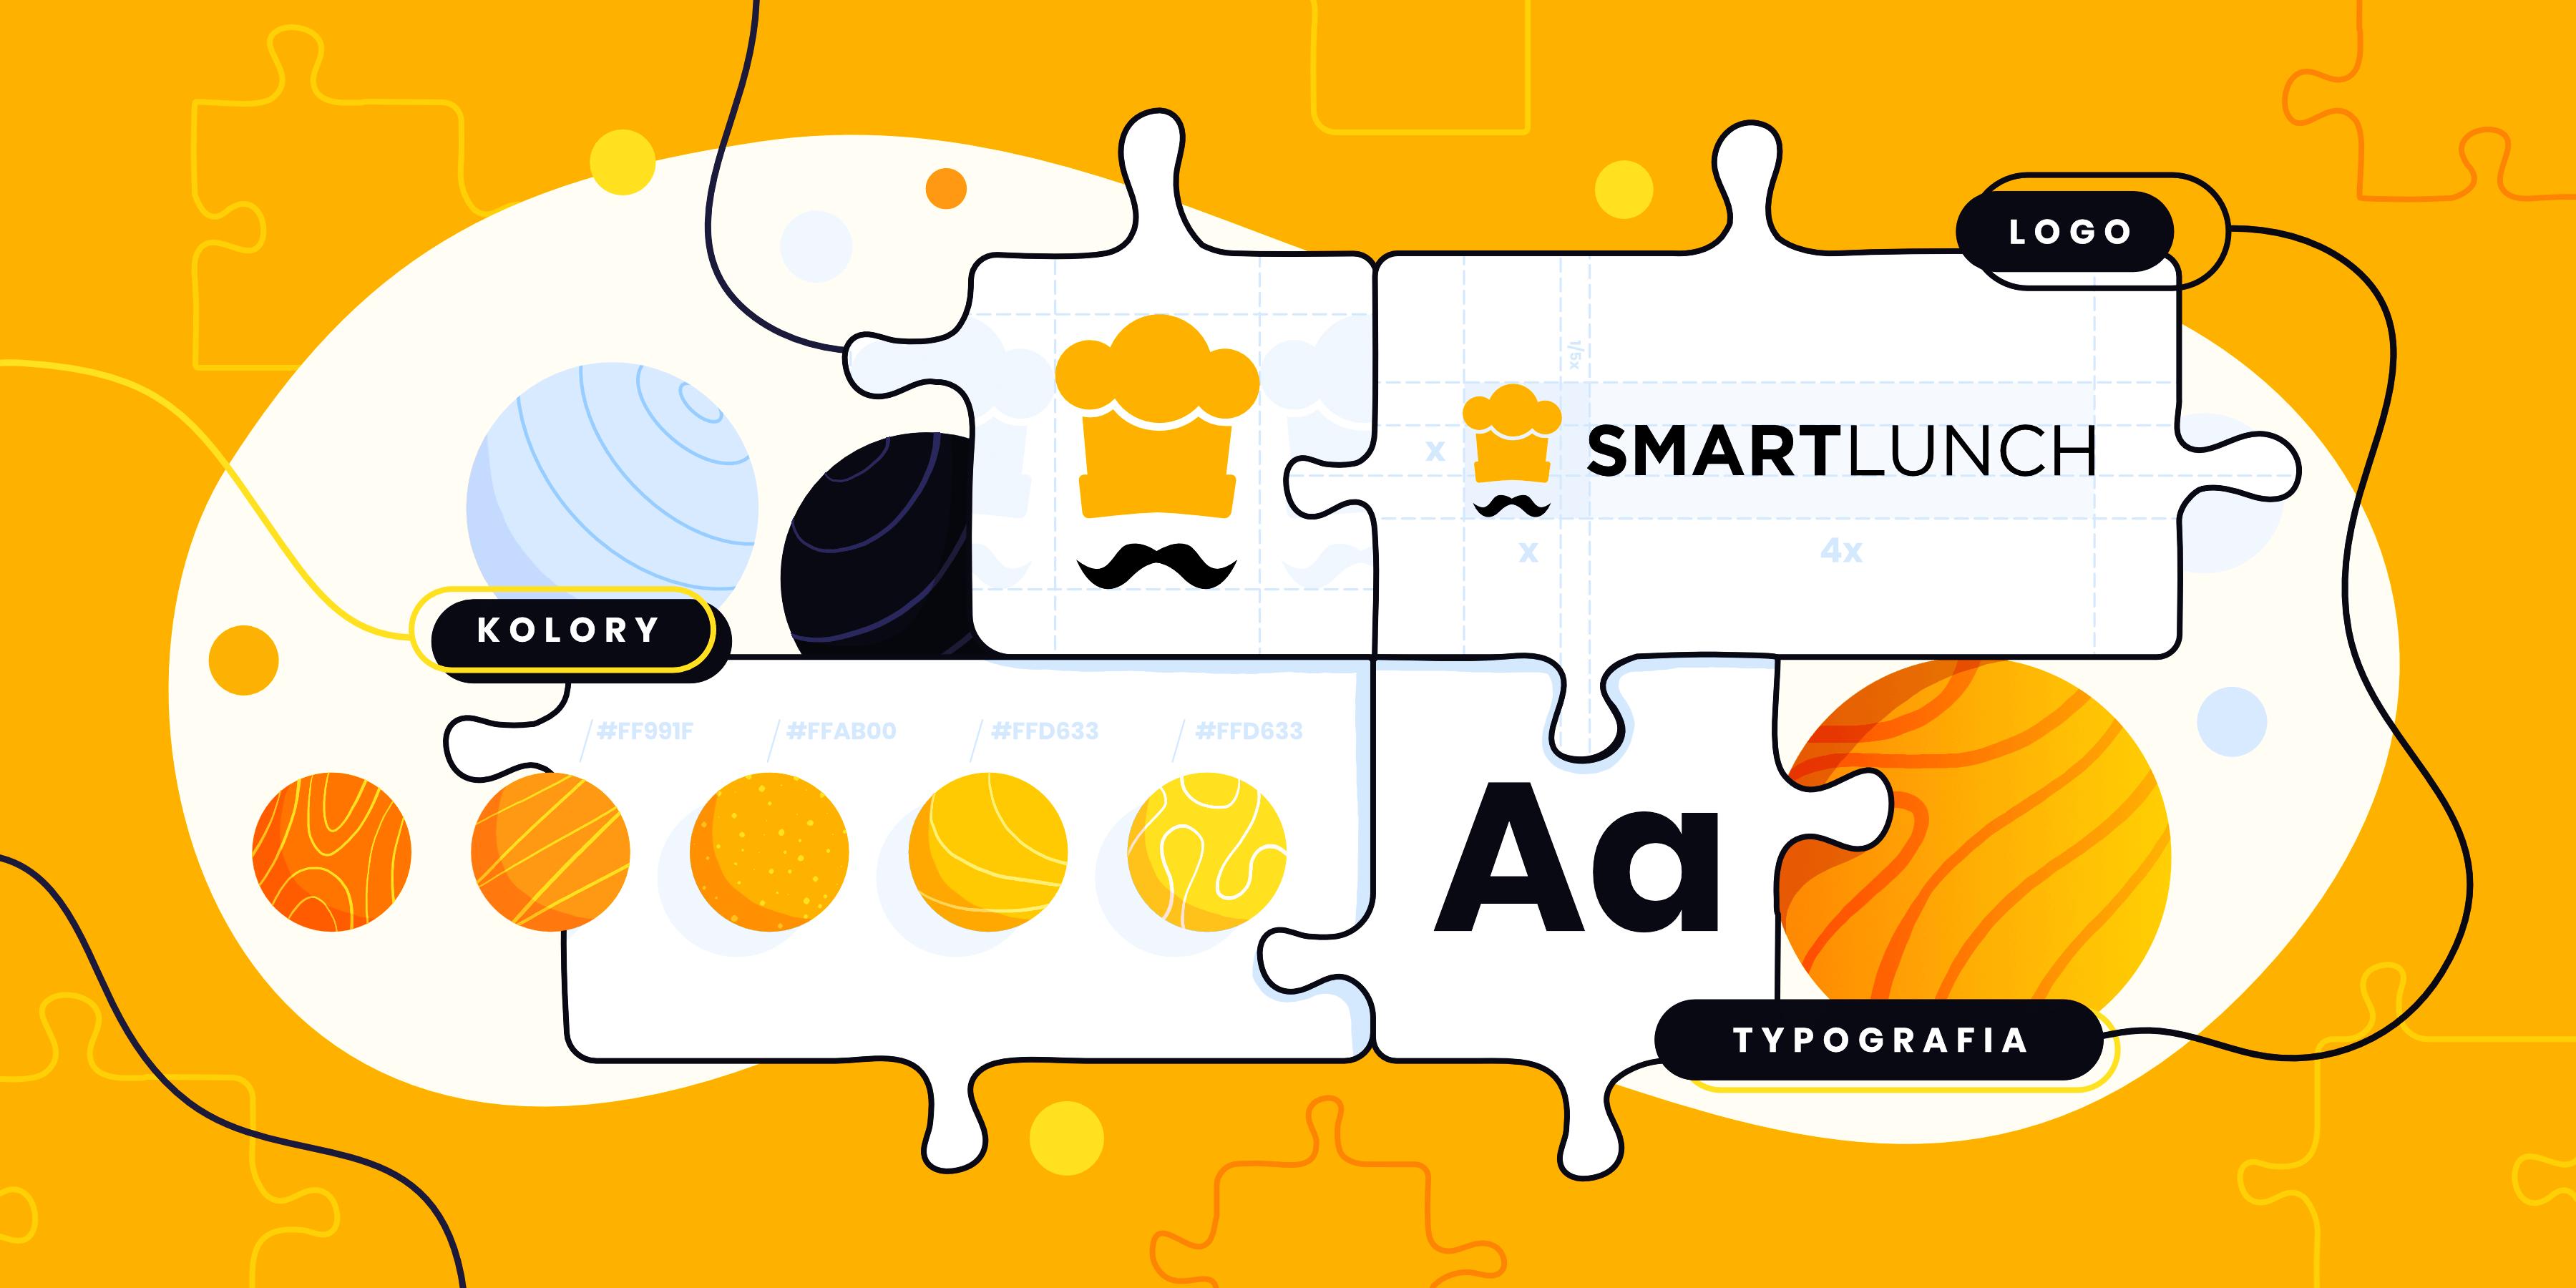 Co to jest branding i jak zbudować skuteczną markę?